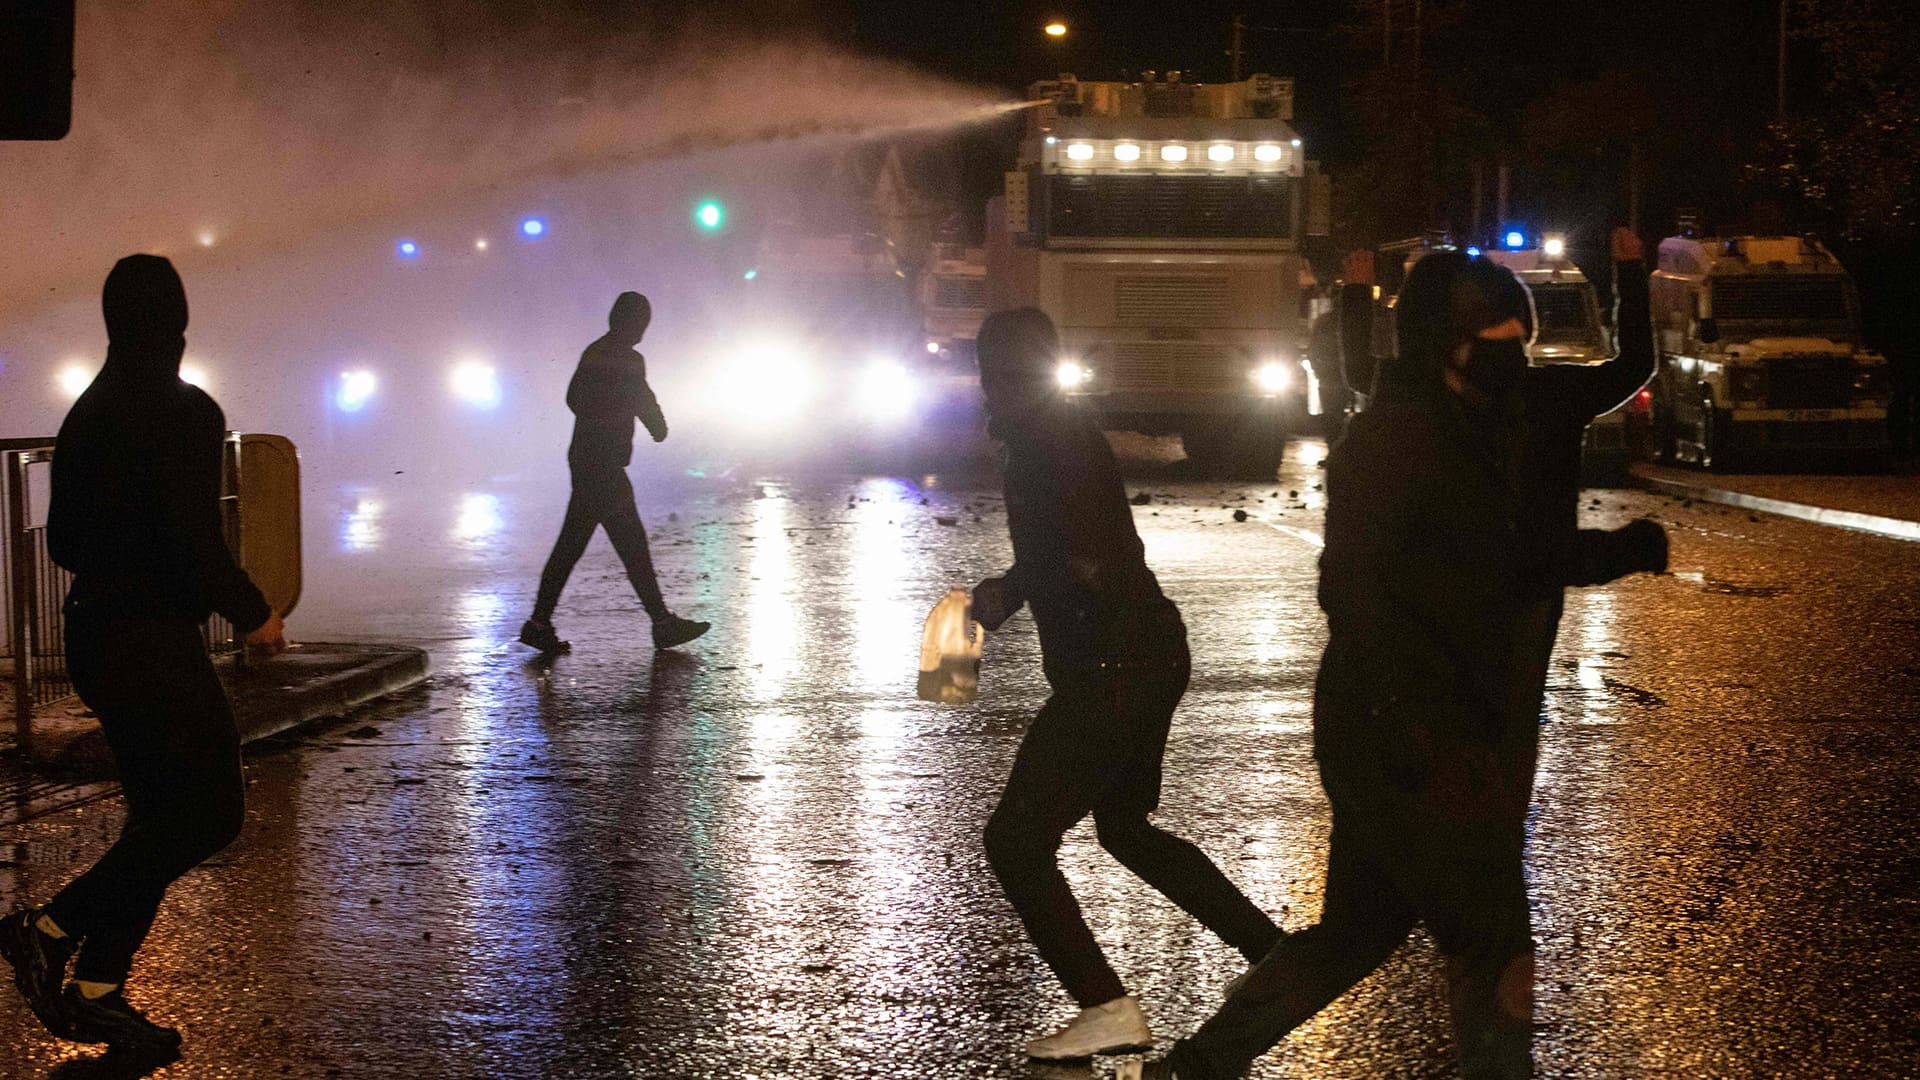 Väkivaltaisuudet jatkuvat Pohjois-Irlannissa